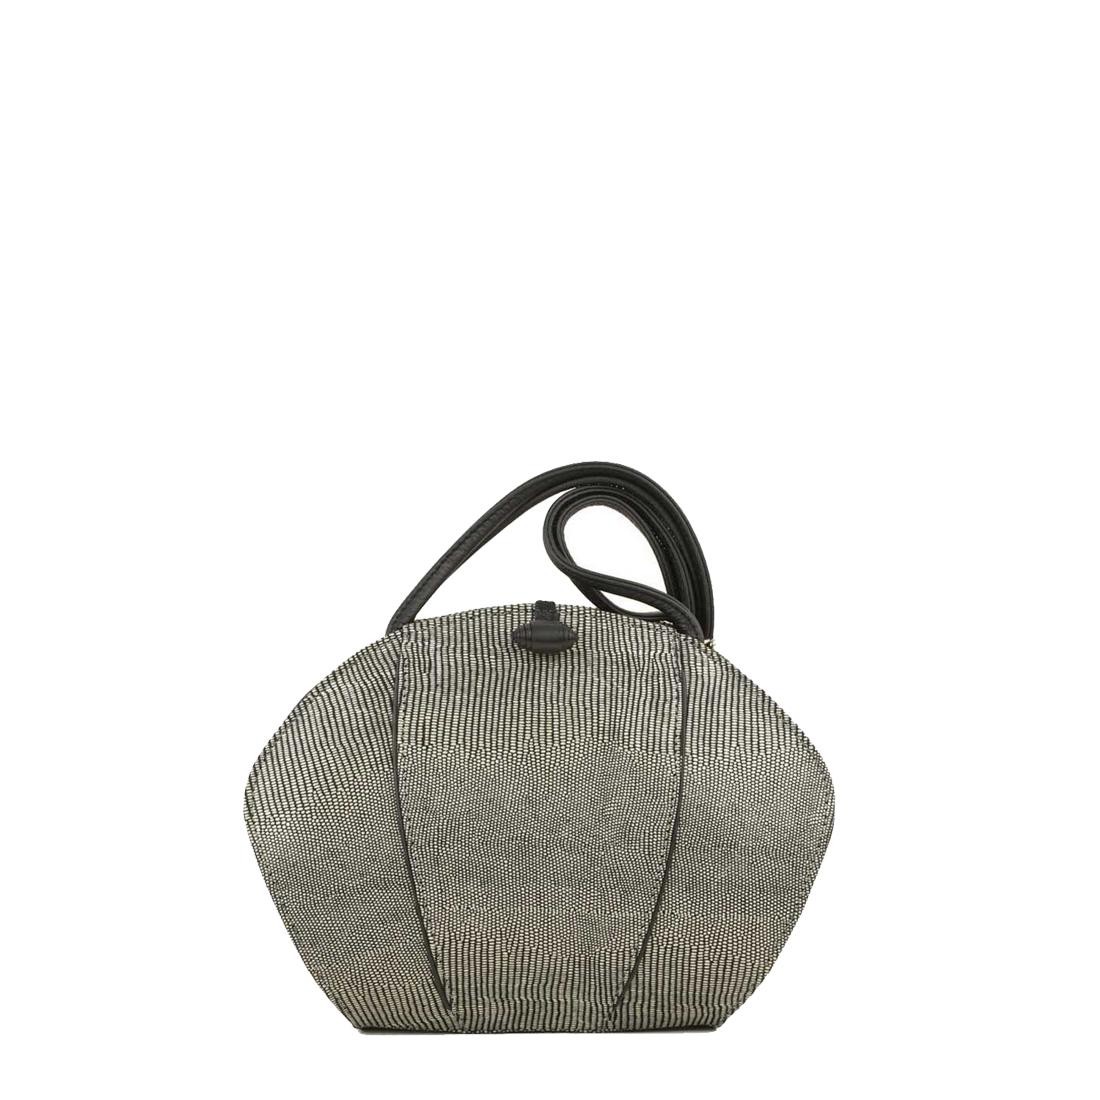 Lola Courmayeur Print Leather Shoulder Bag